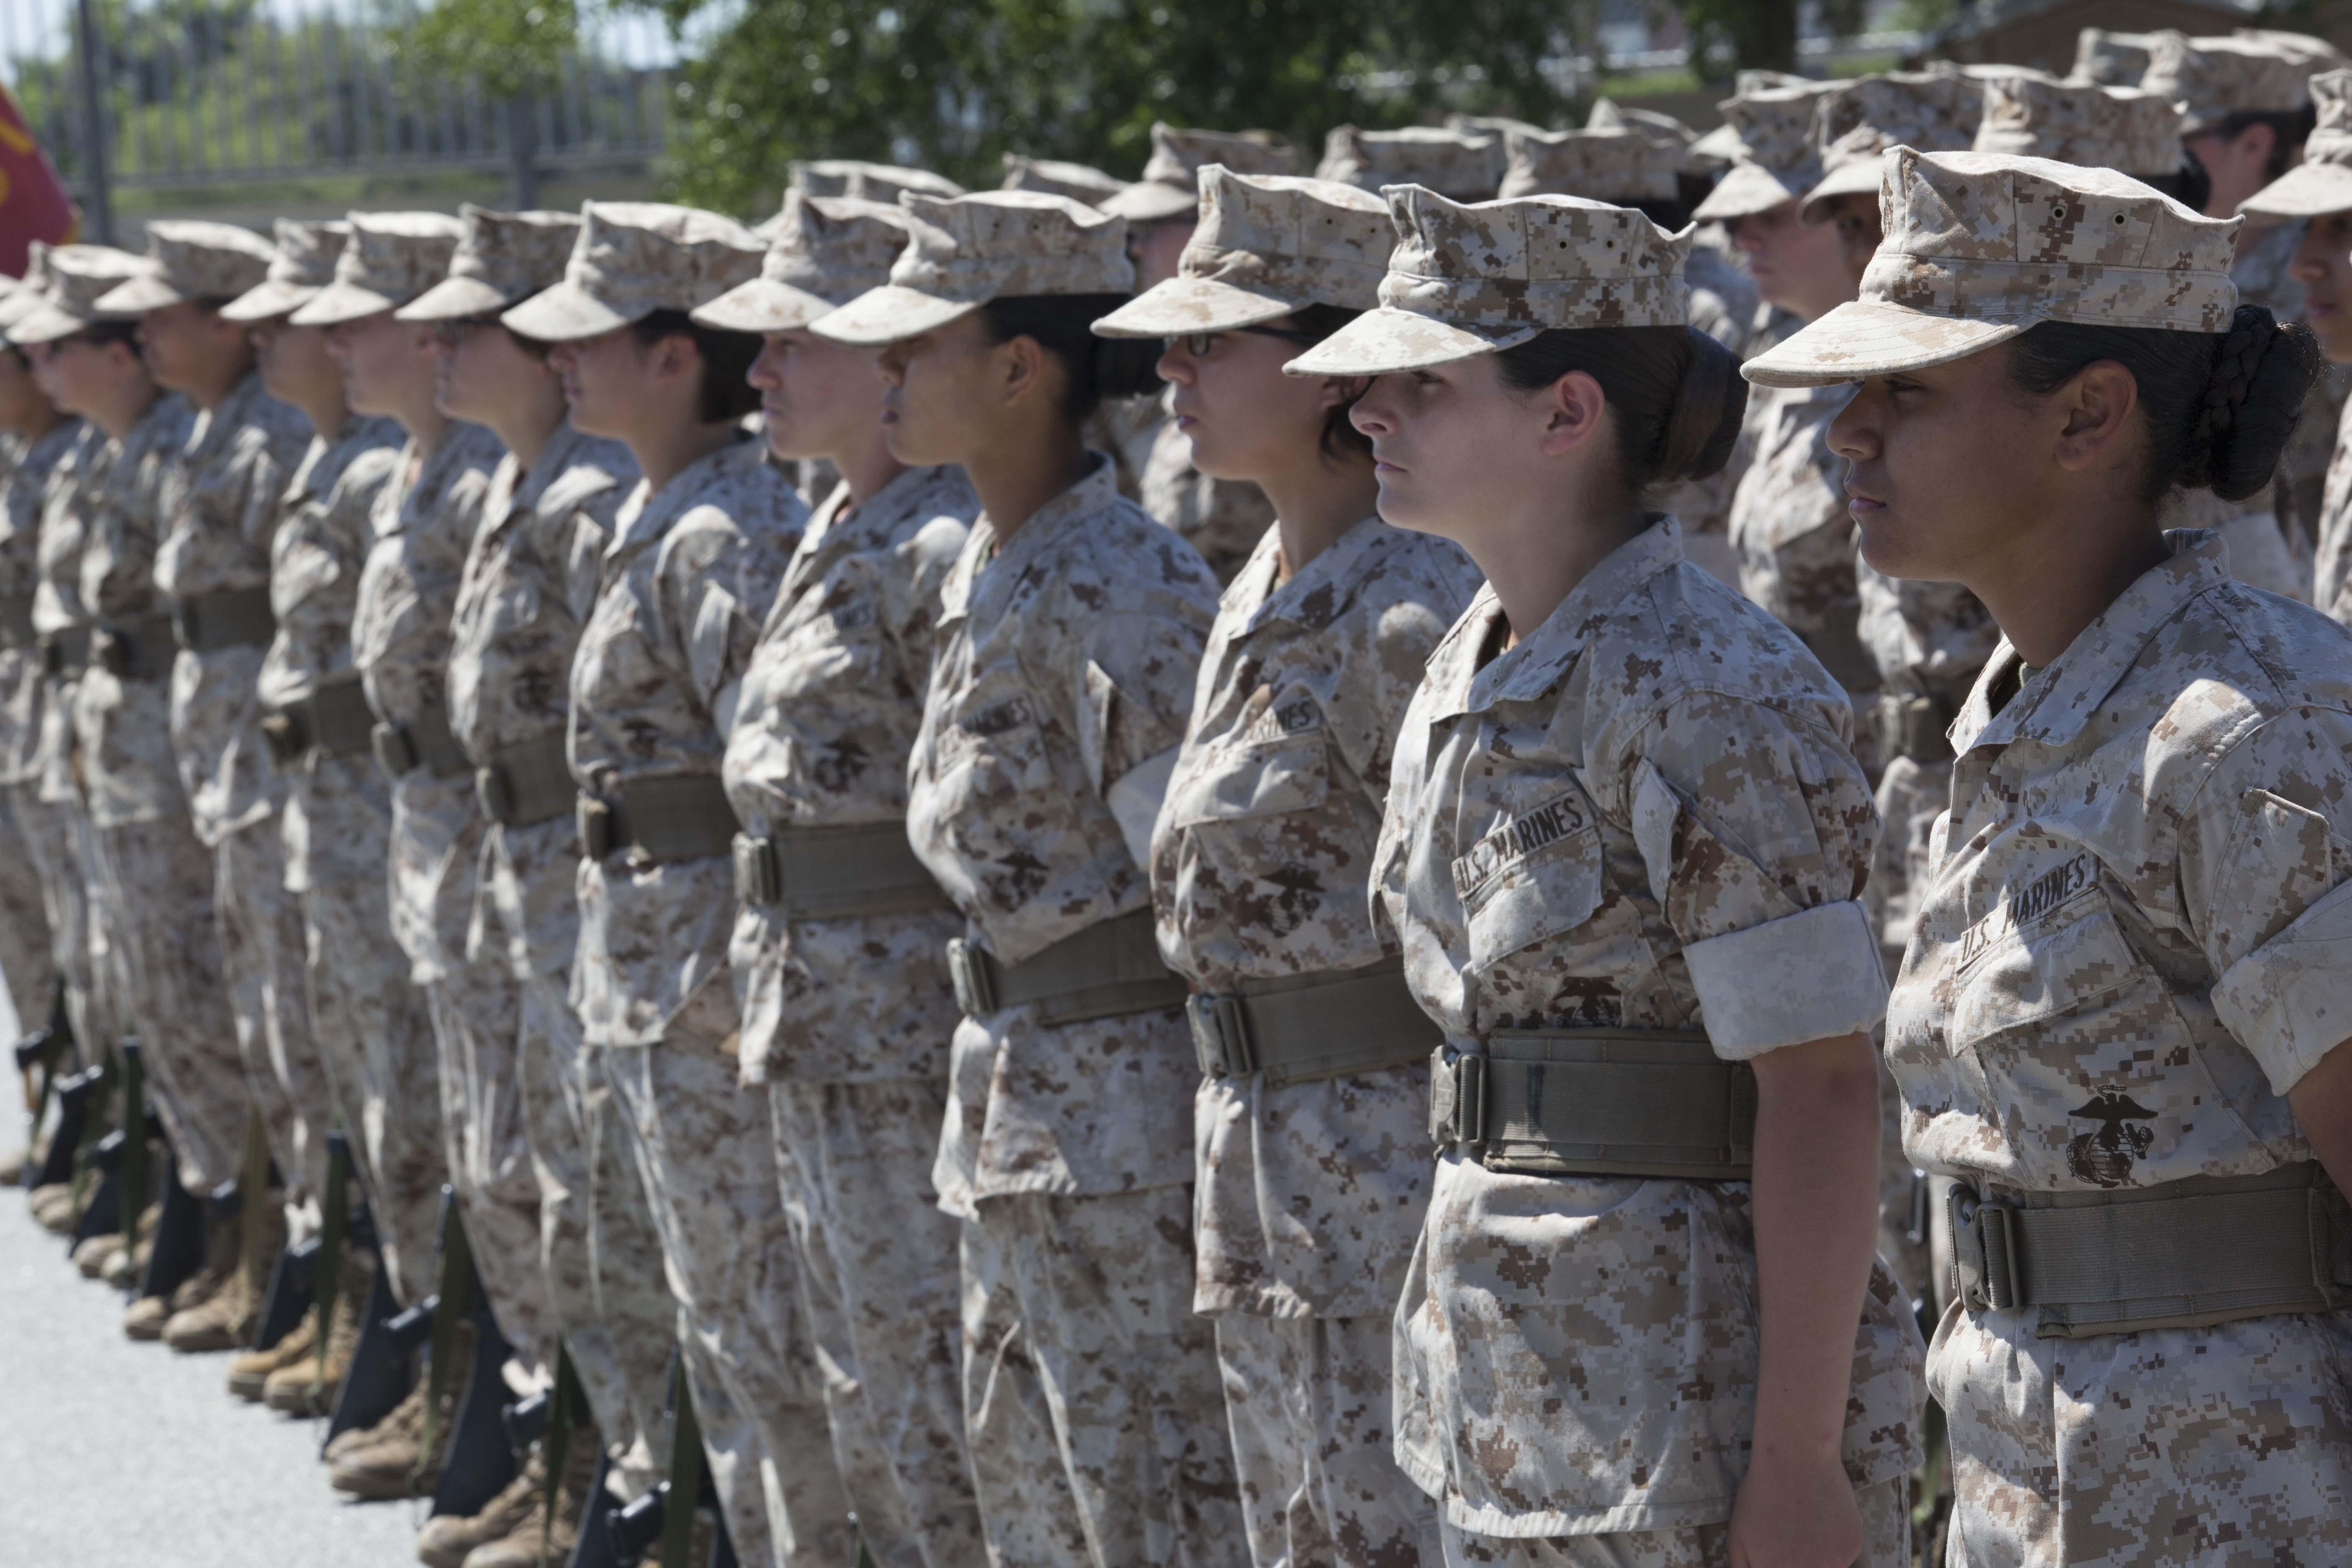 4th Recruit Training Battalion